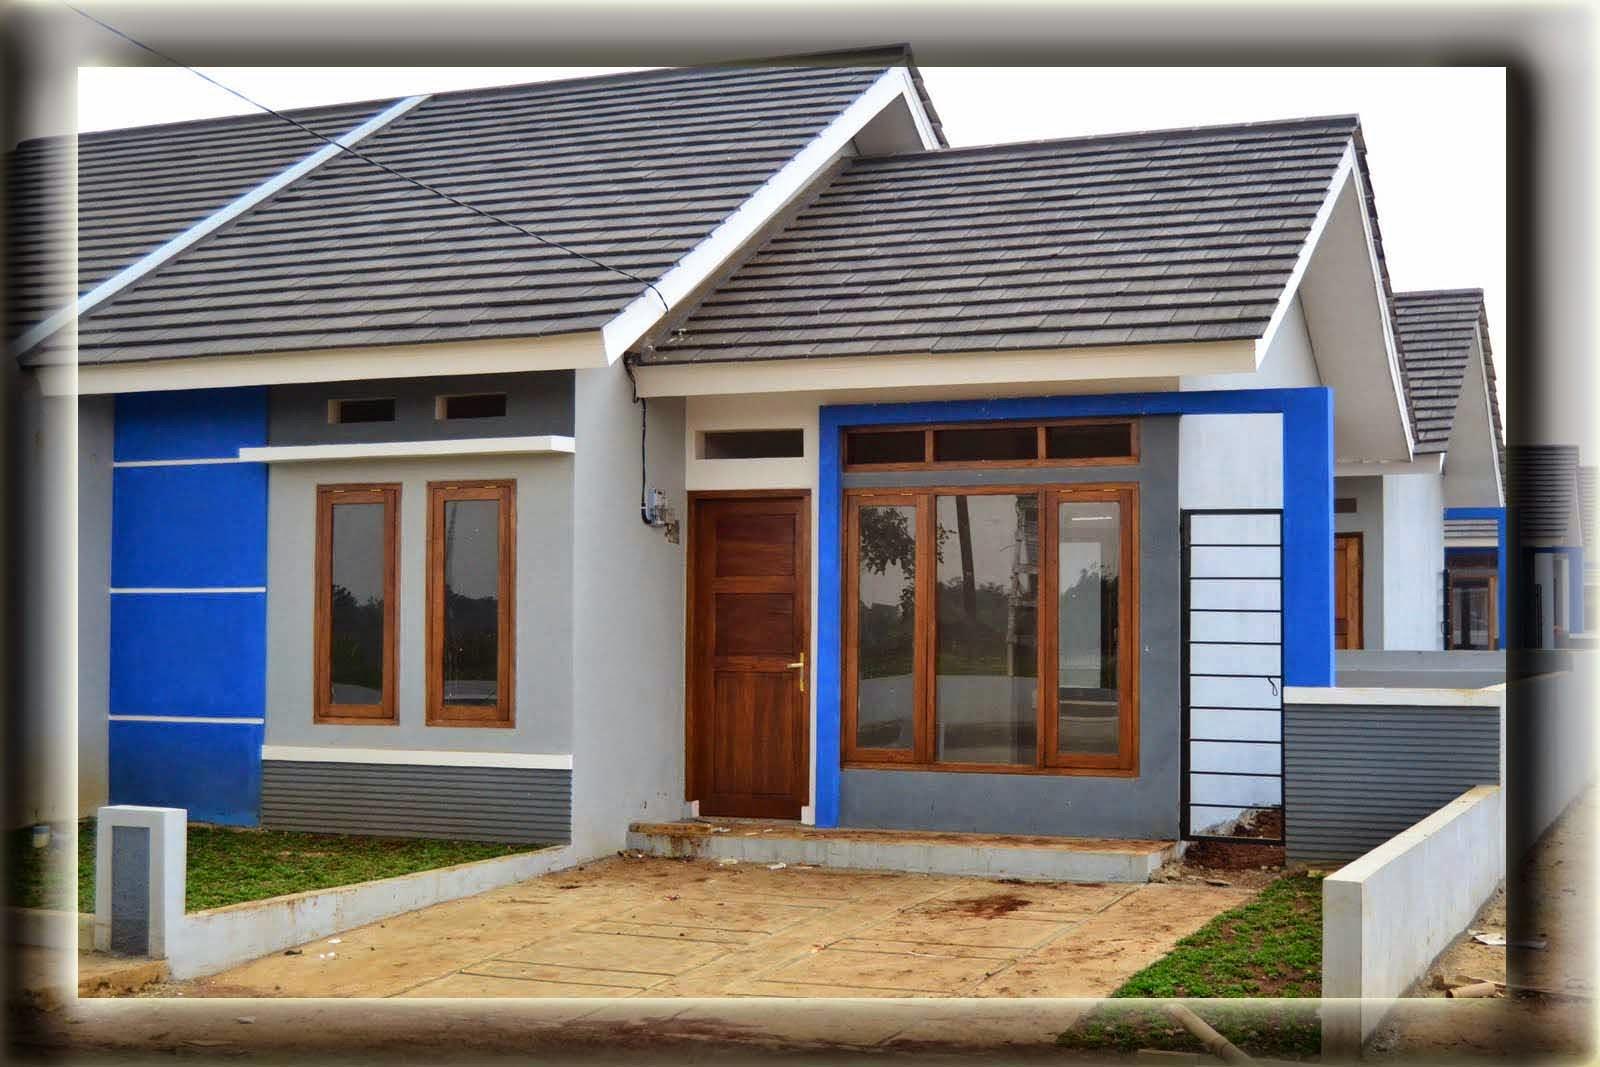 Desain Rumah Minimalis Luas Tanah 84m Kumpulan Desain Rumah